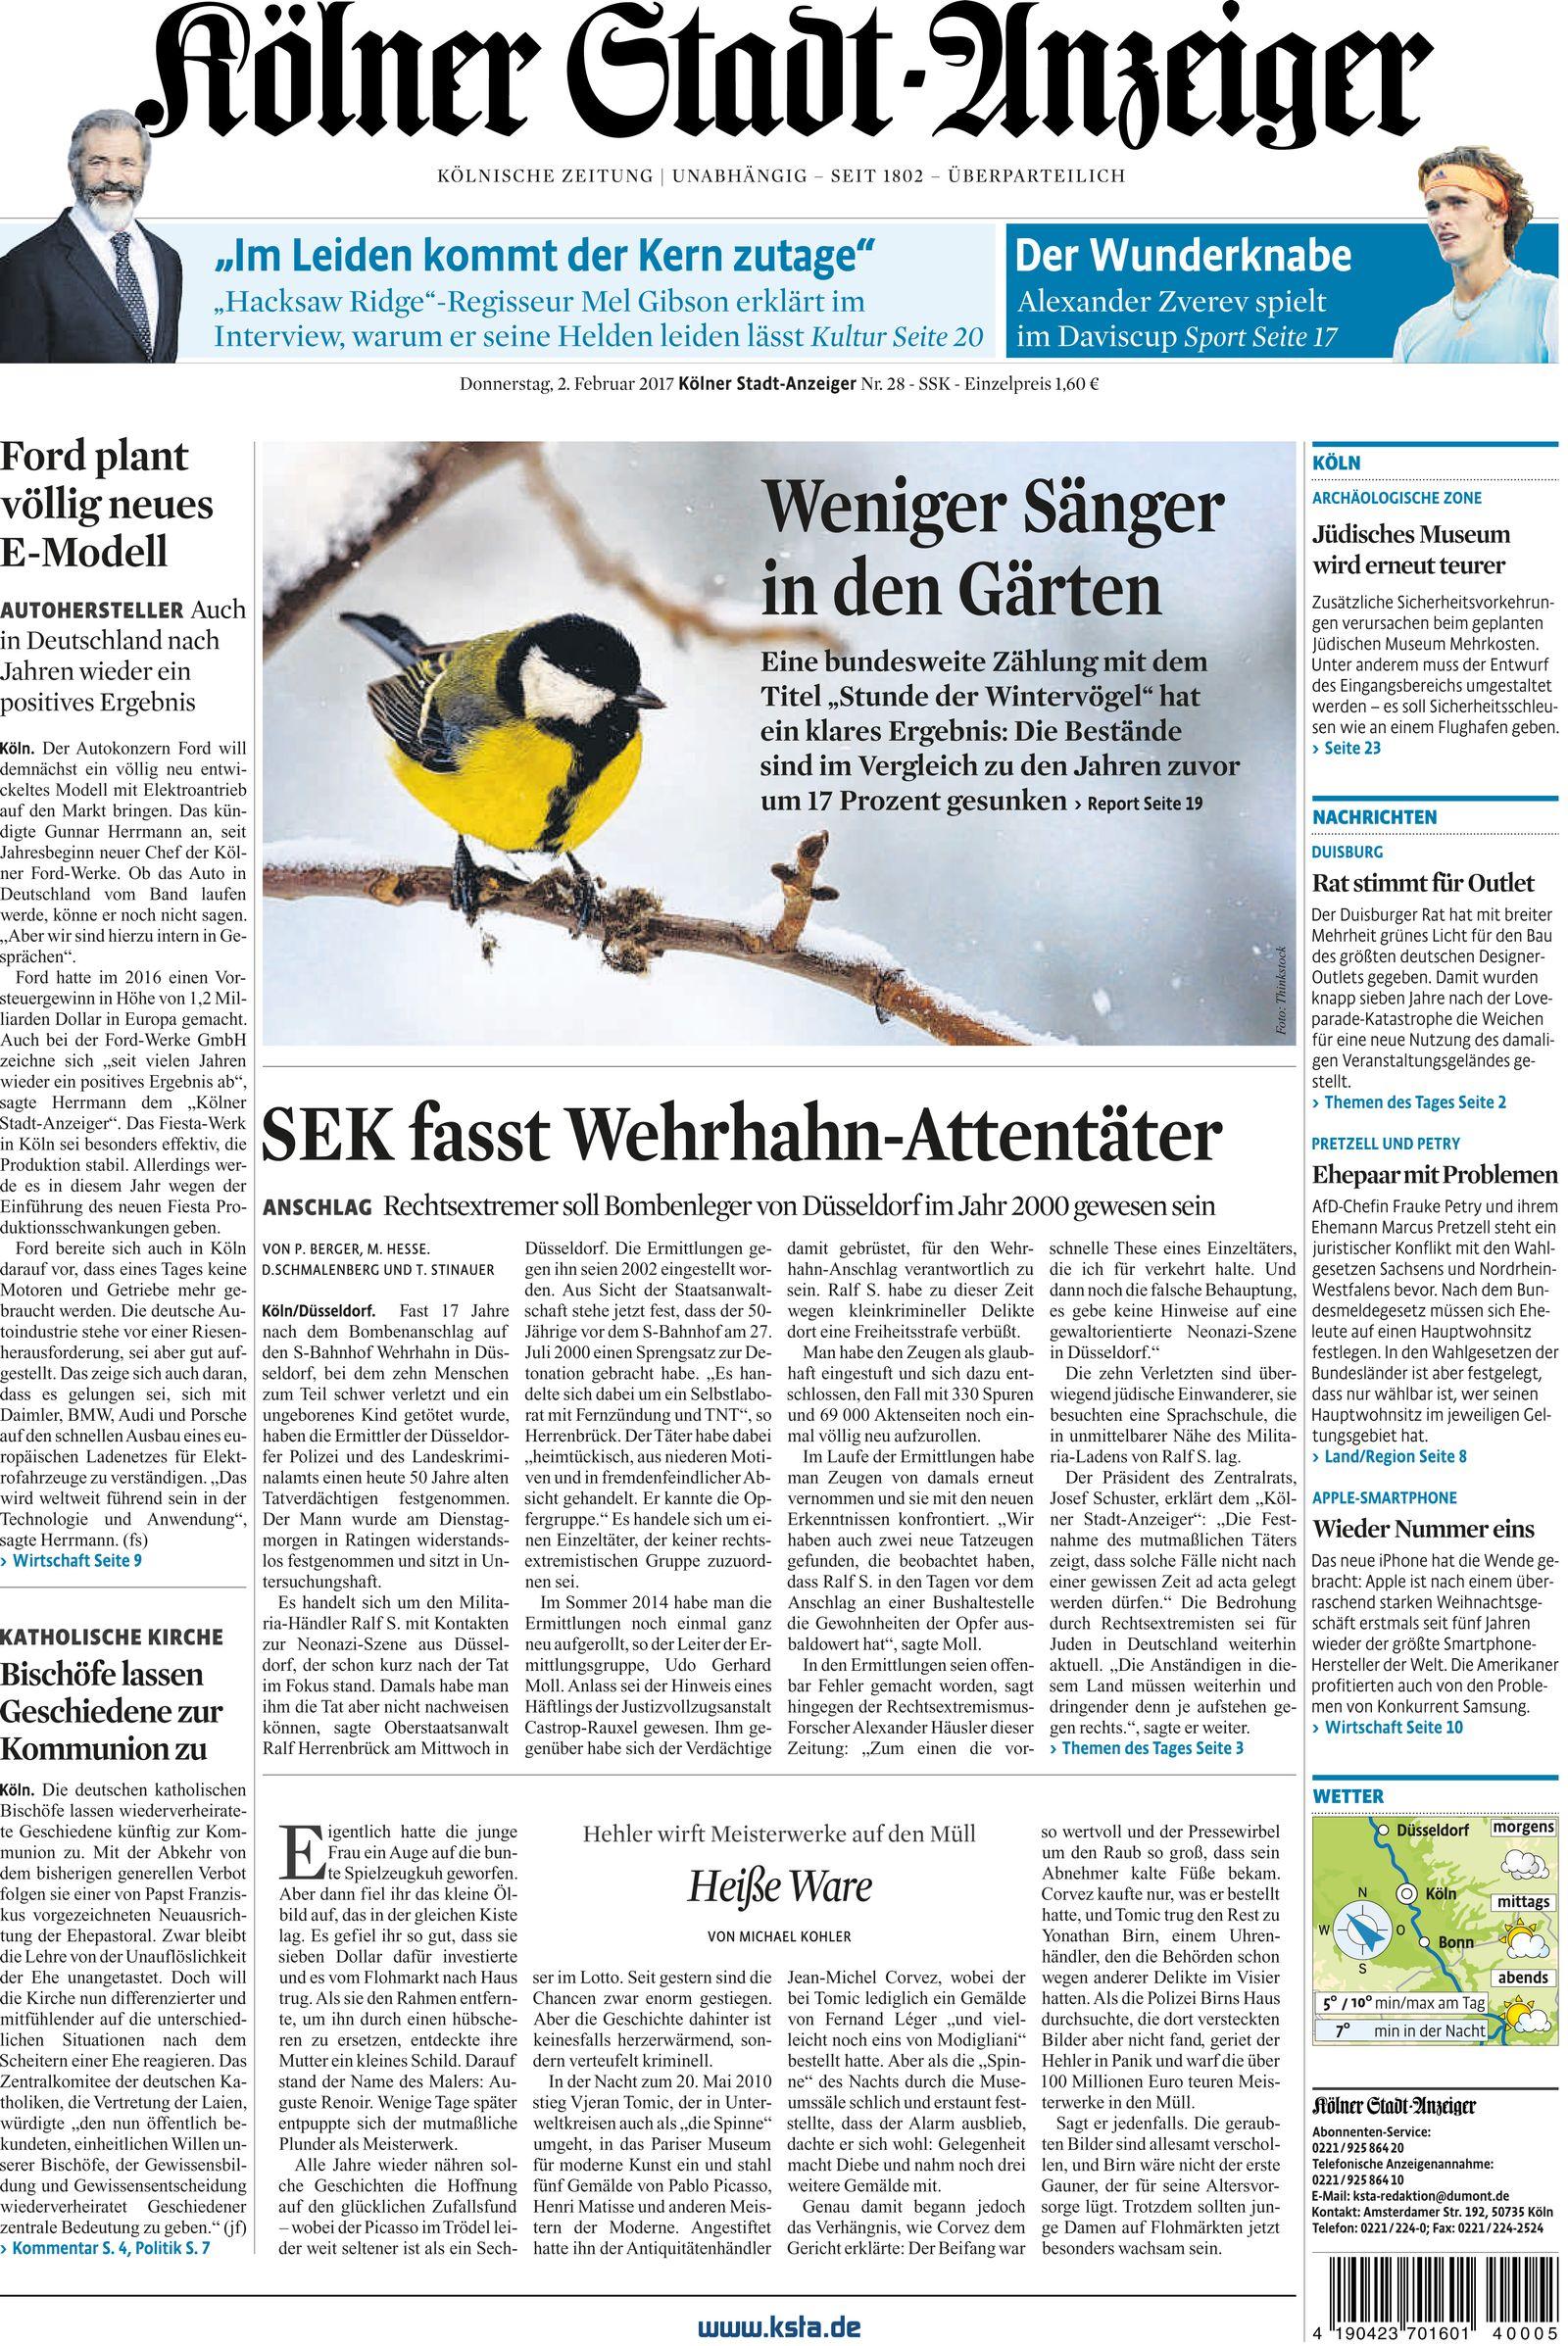 NUR ALS ZITAT Titelseite Kölner Stadt-Anzeiger 02.02.17